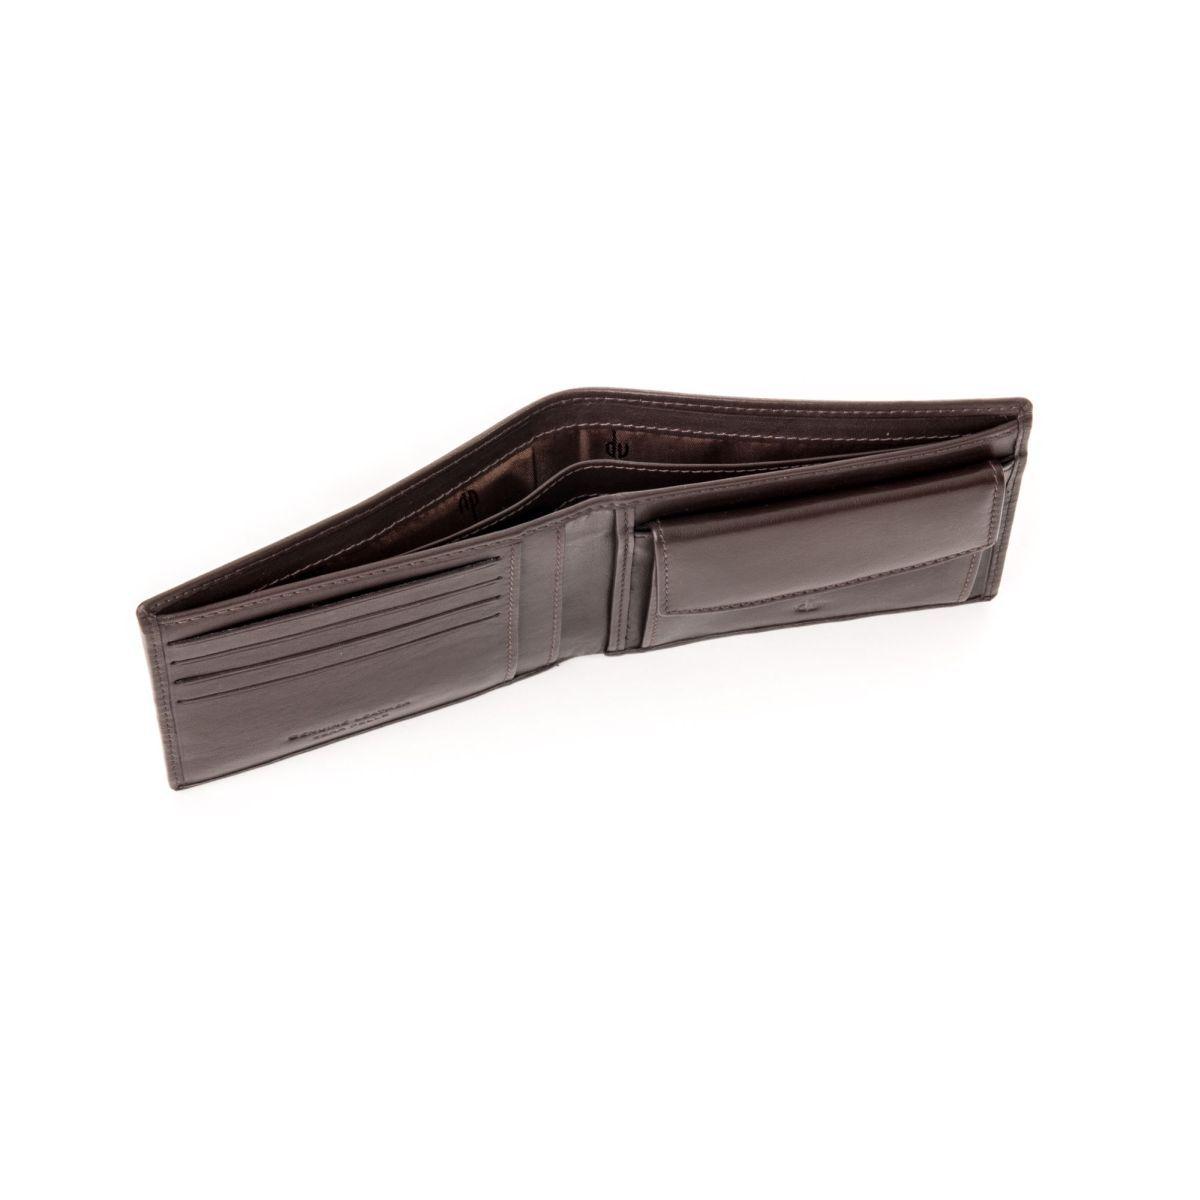 dv ארנק עור שטוח עם תא למטבעות - חום כהה